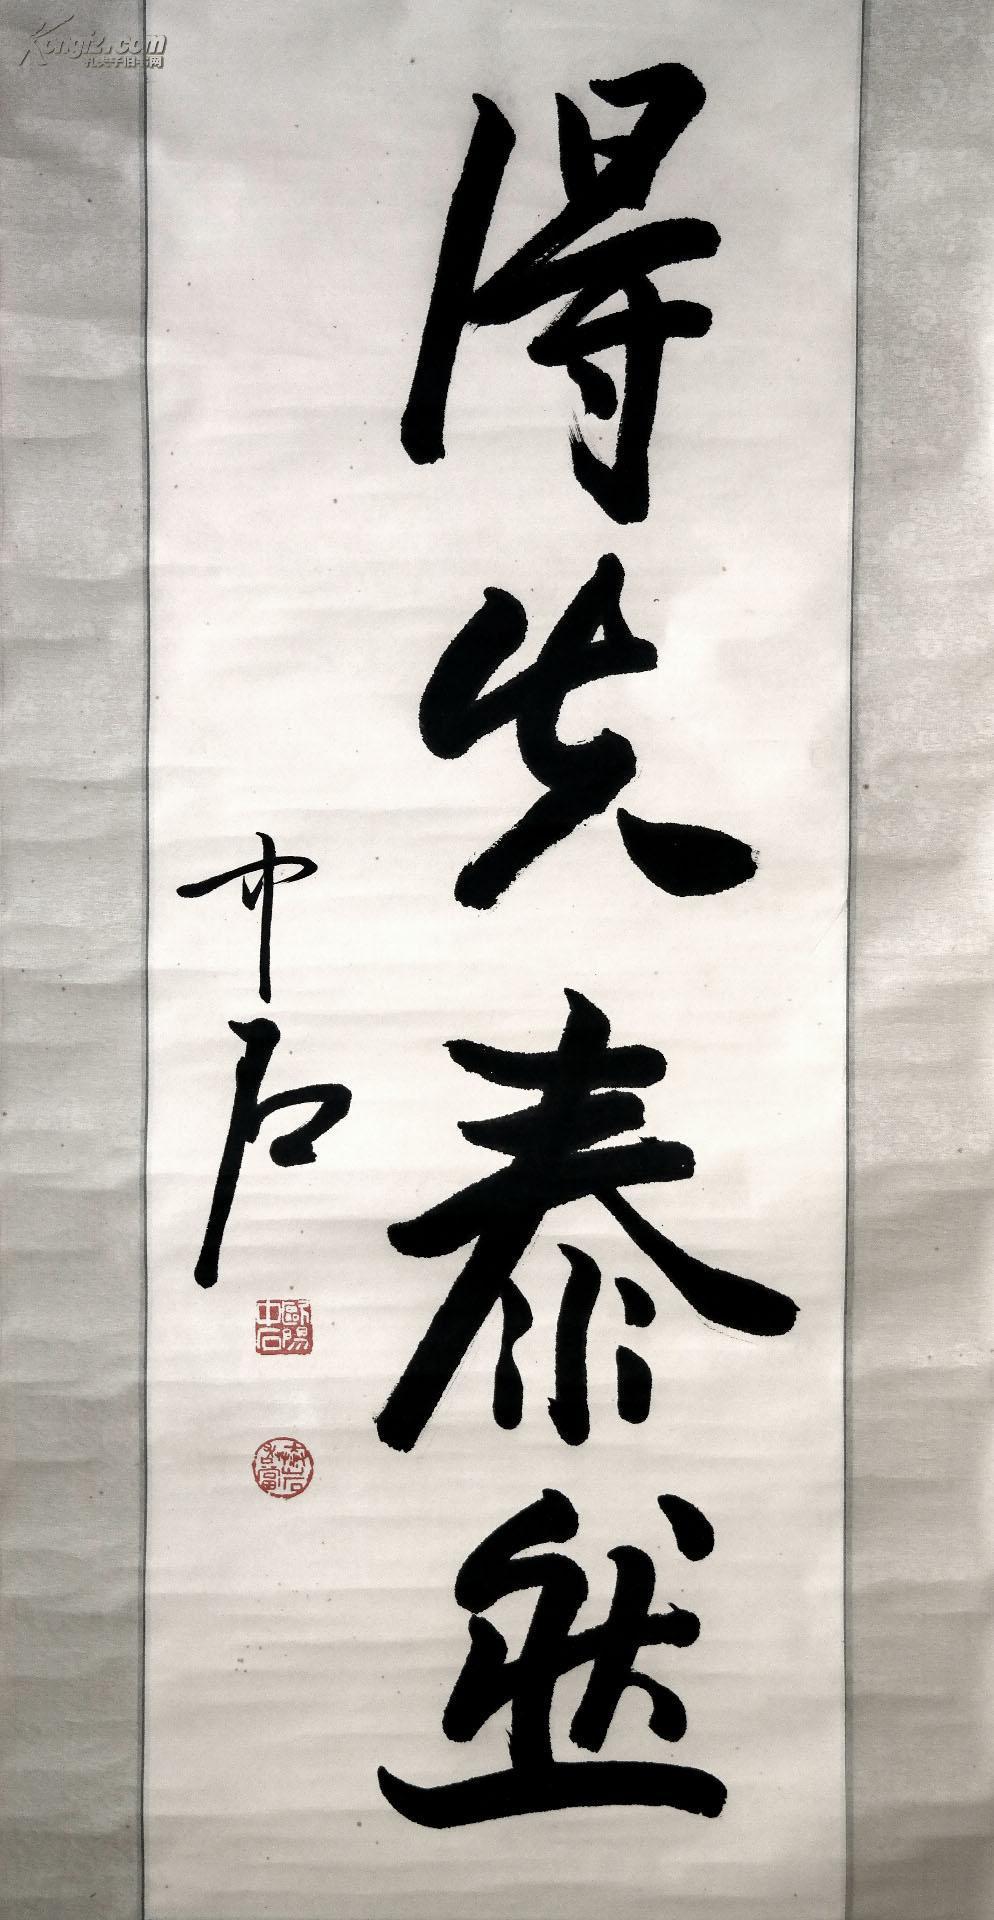 名人毛笔行书书法_茗茶网名人字画书画装裱毛笔字书法定制六尺